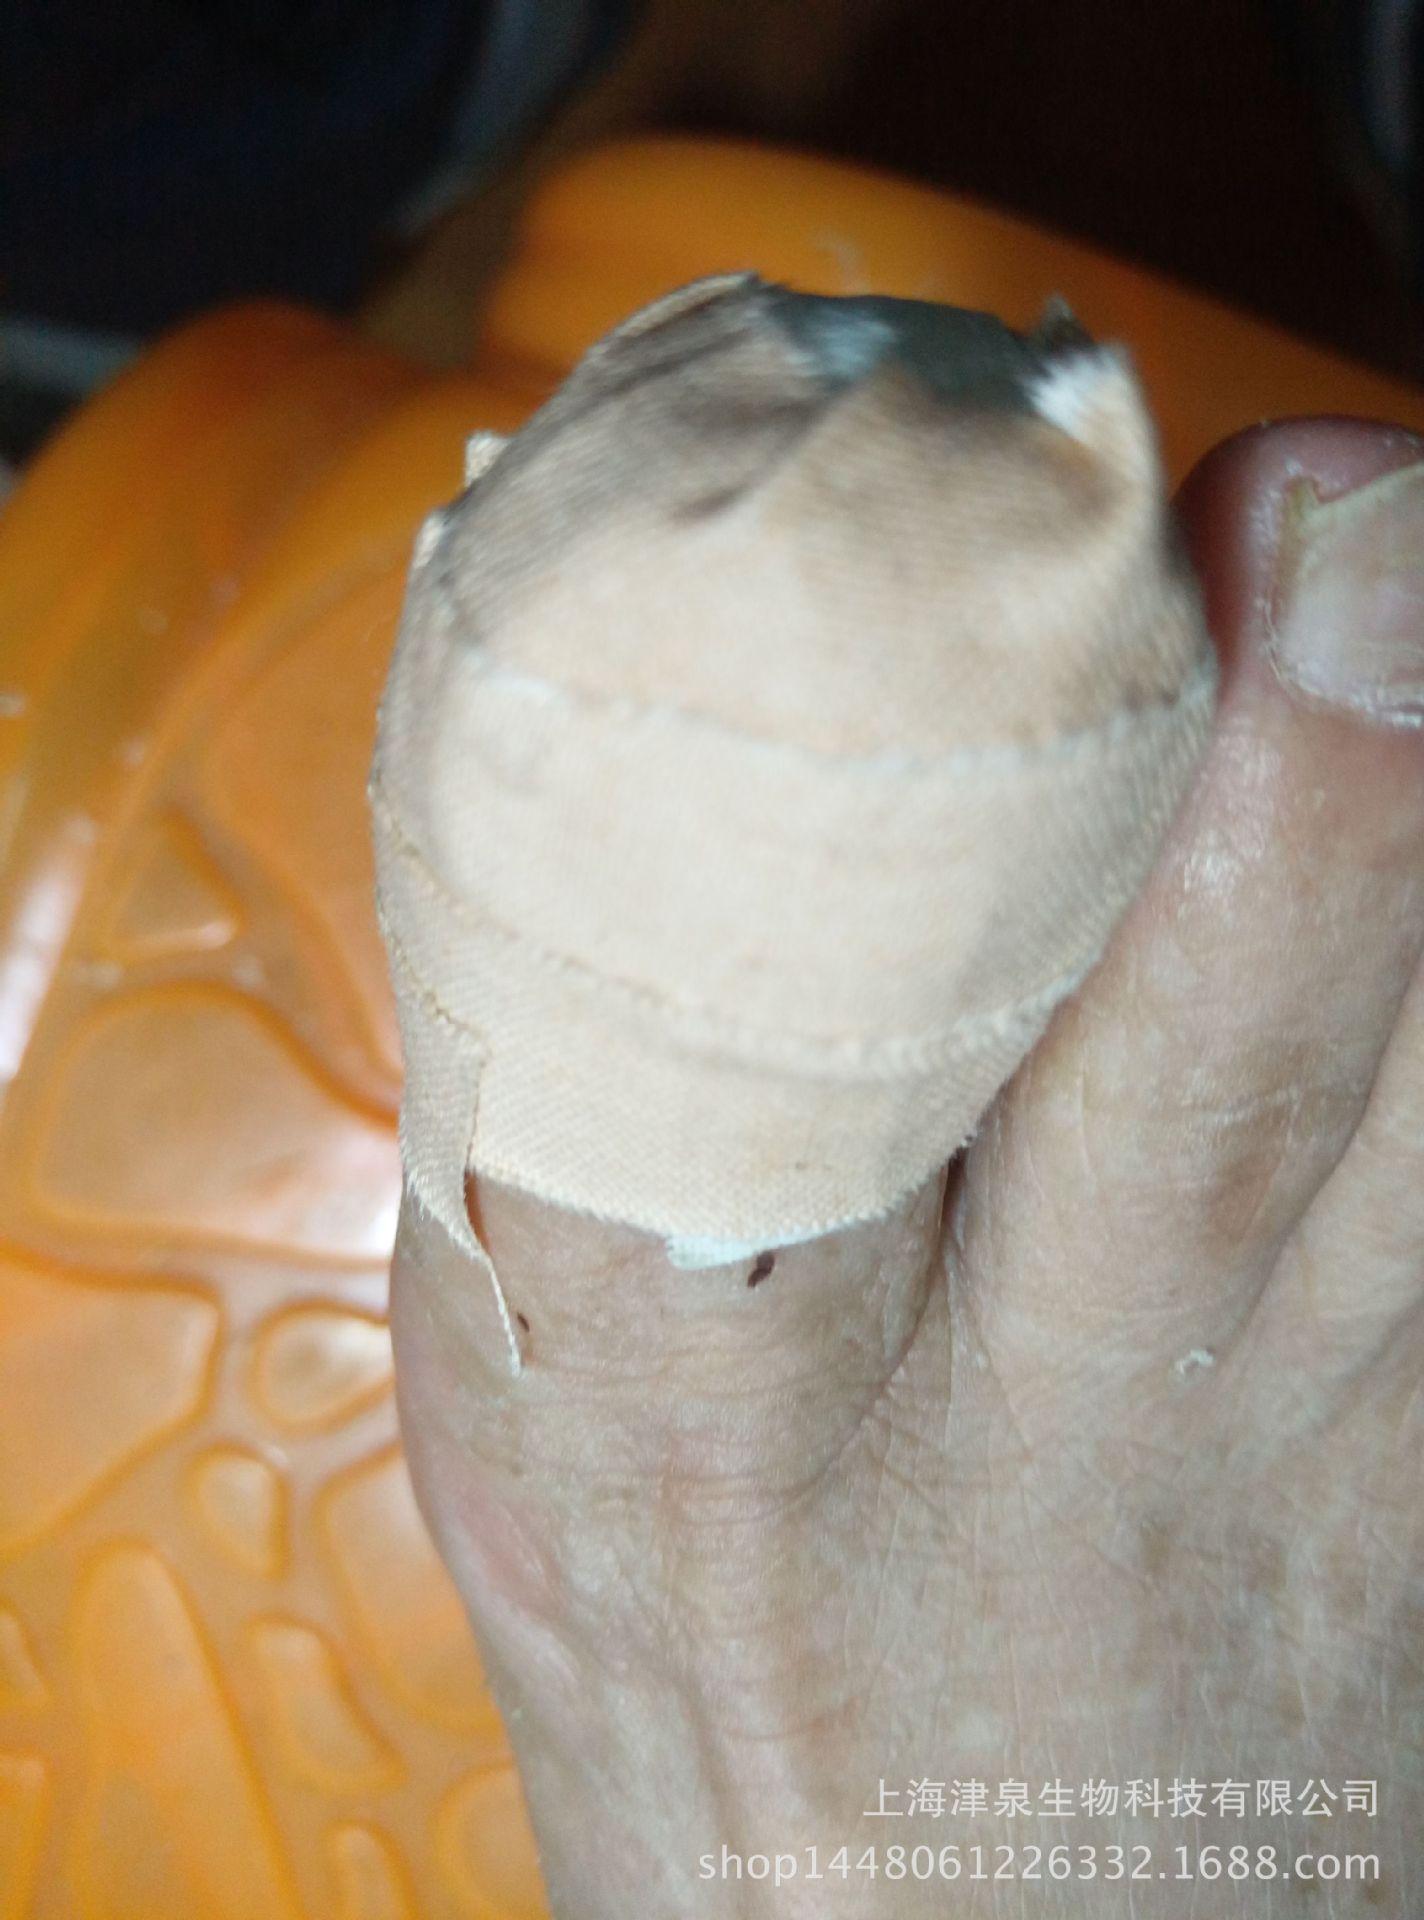 灰指甲軟甲膏_灰指甲膏中草藥無痛灰指甲軟甲膏脫甲膏 - 阿里巴巴